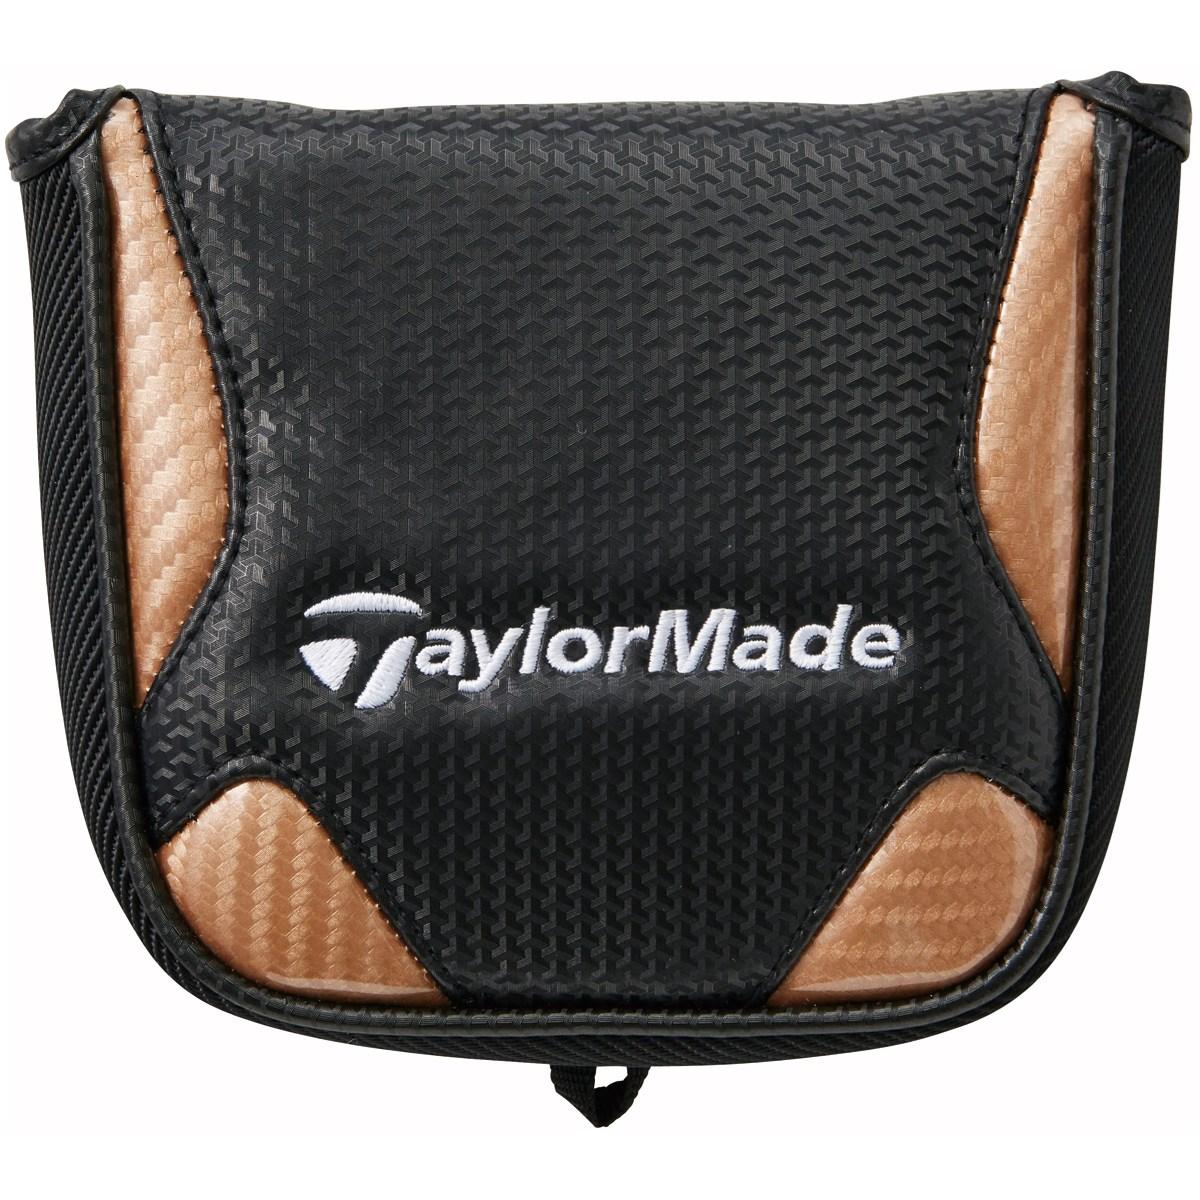 [定番モデル] テーラーメイド taylormade G-7 パターカバー ブラック メンズ ゴルフ